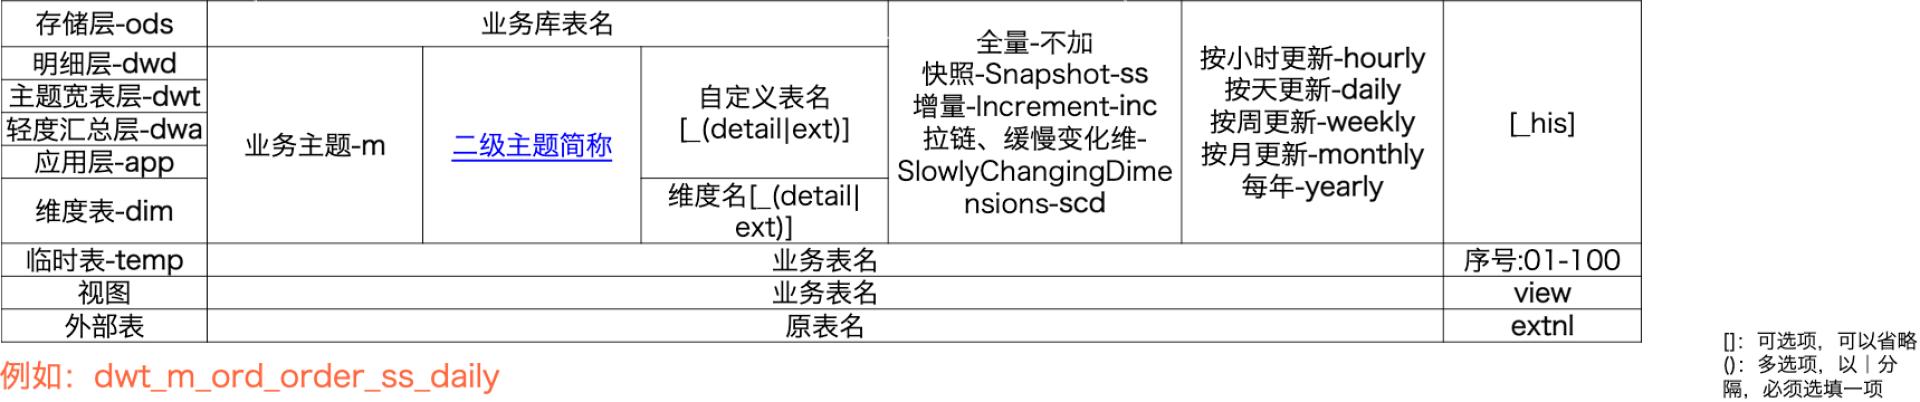 图6 统一的表命名规范